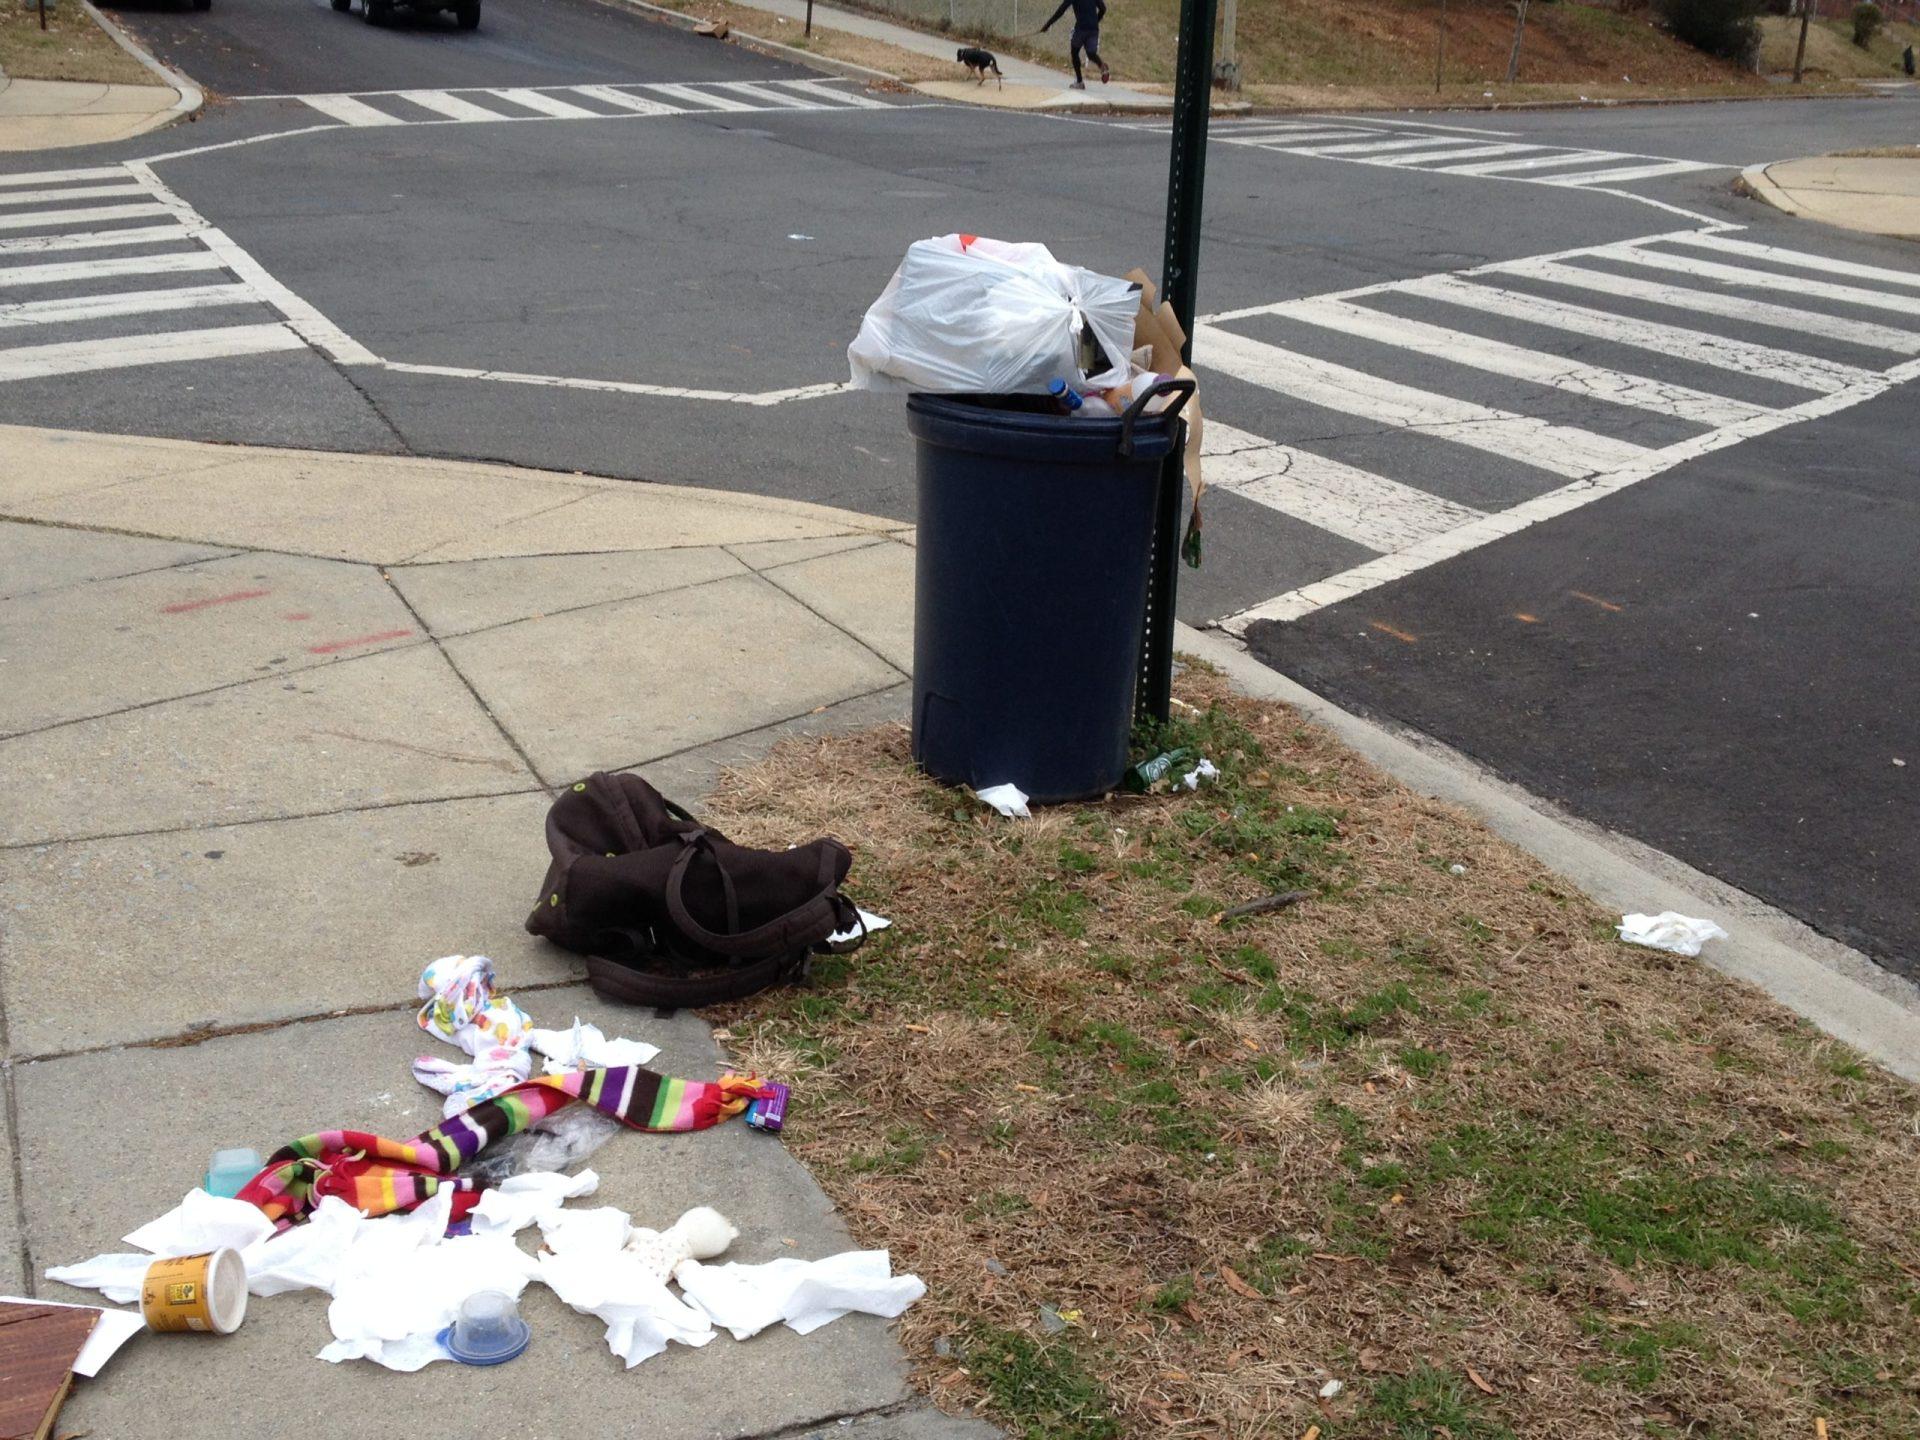 Litter In Street